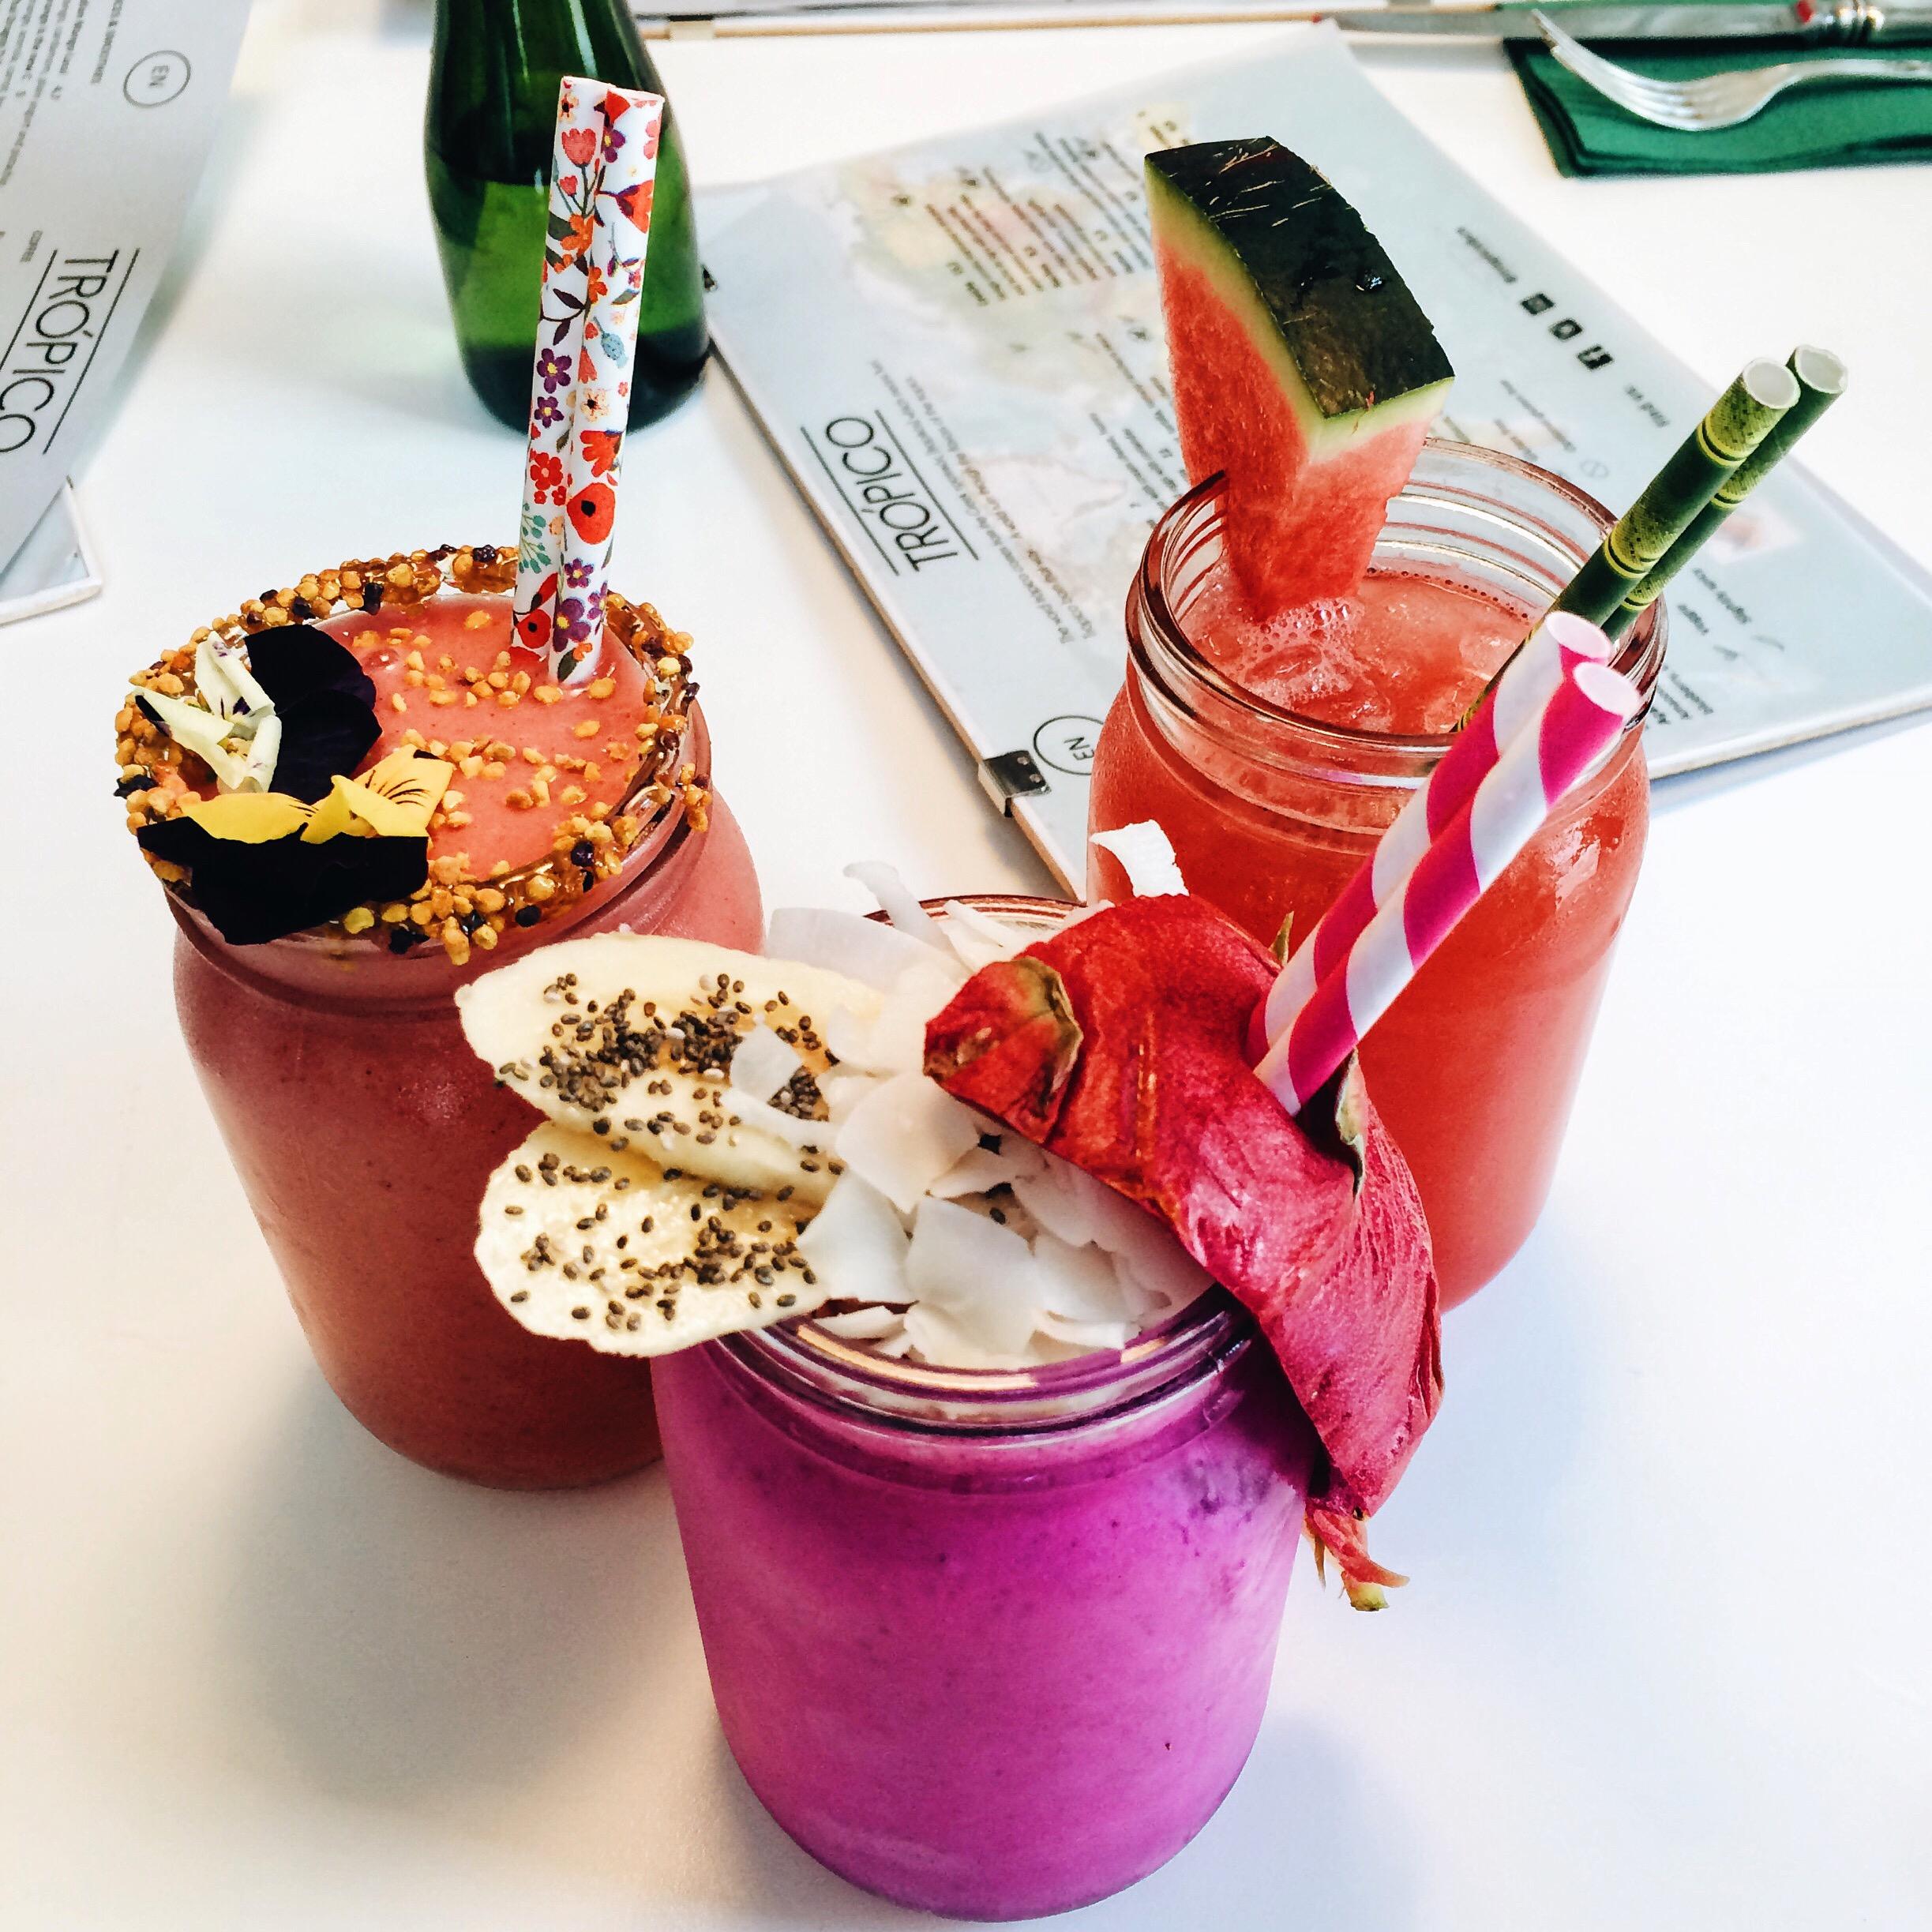 Smoothies at Trópico Barcelona. Photo © Barcelona Food Experience.